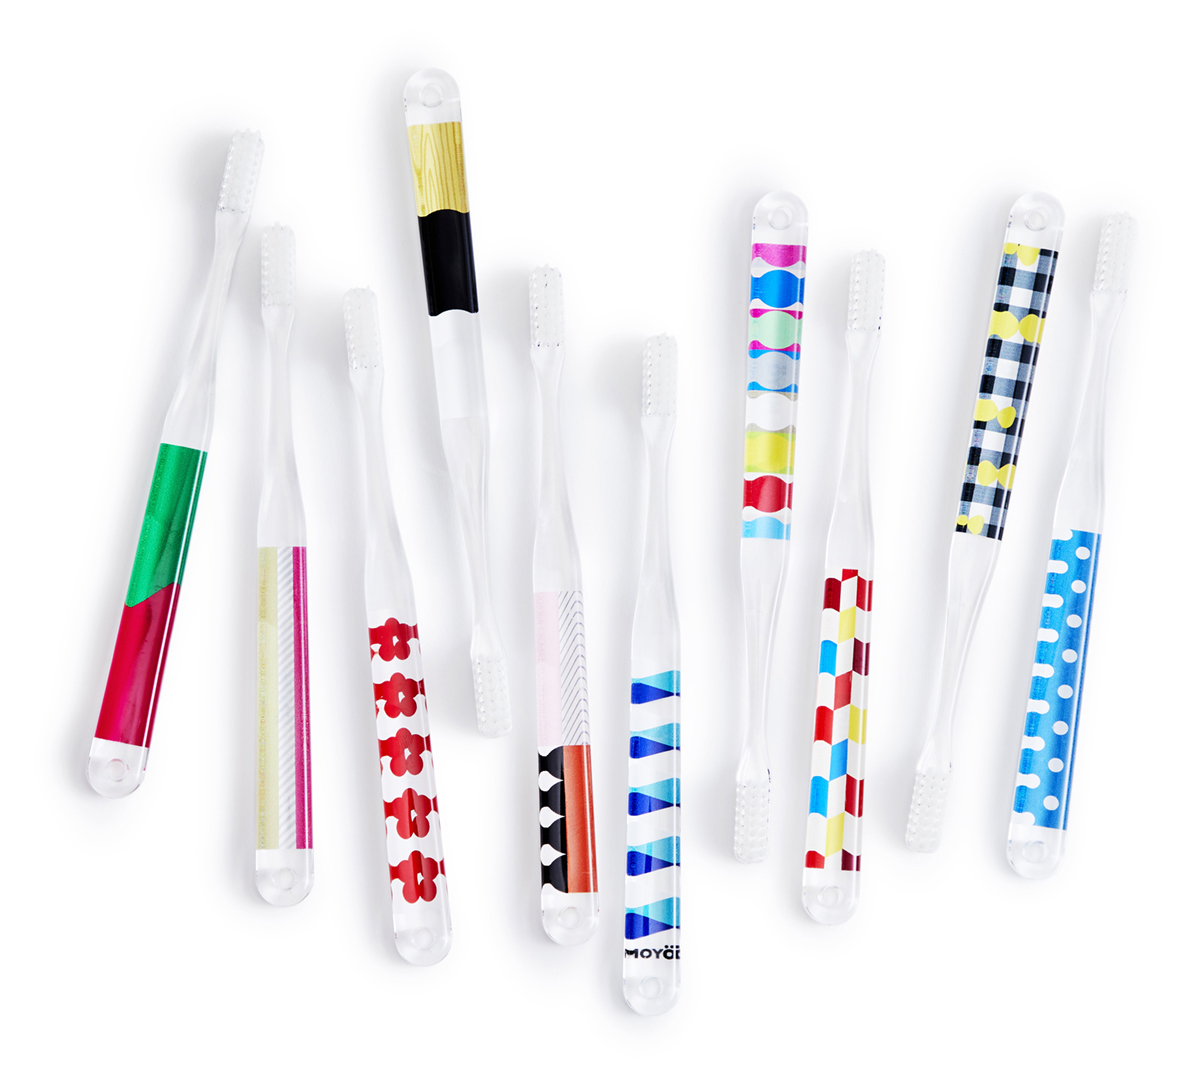 歯科医が設計した、おしゃれな歯ブラシ|MOYÖ